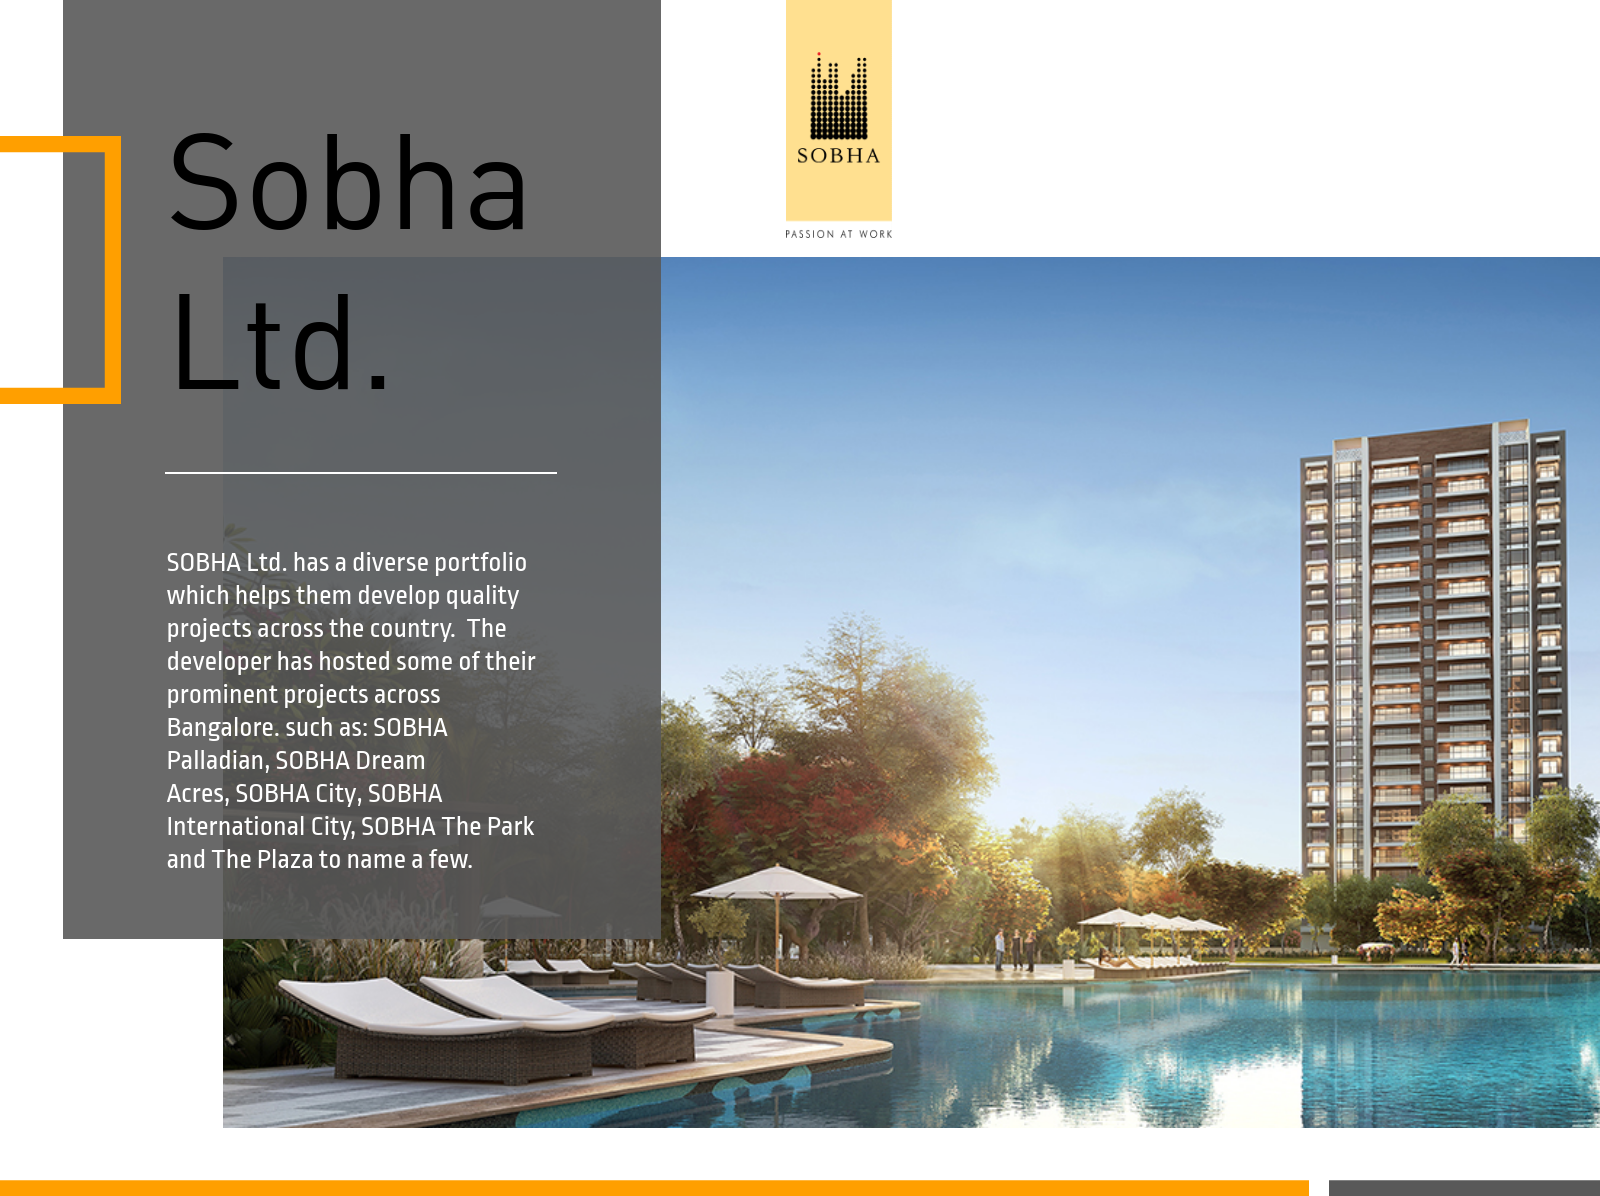 Sobha Bangalore